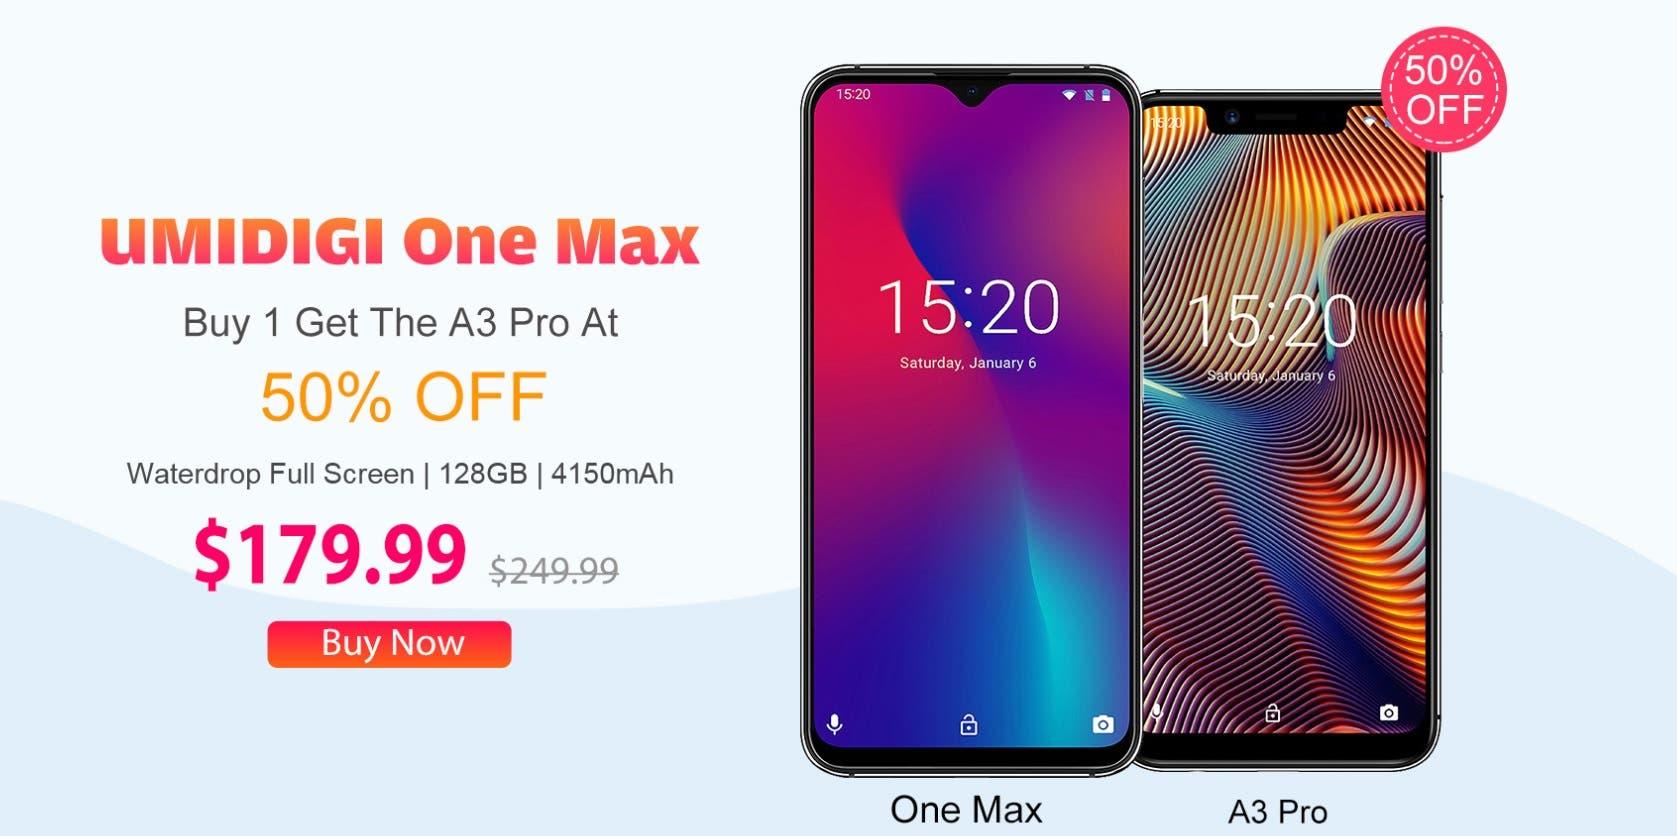 Oferta por el Umidigi One Max y el A3 Pro de hasta el 50% 2